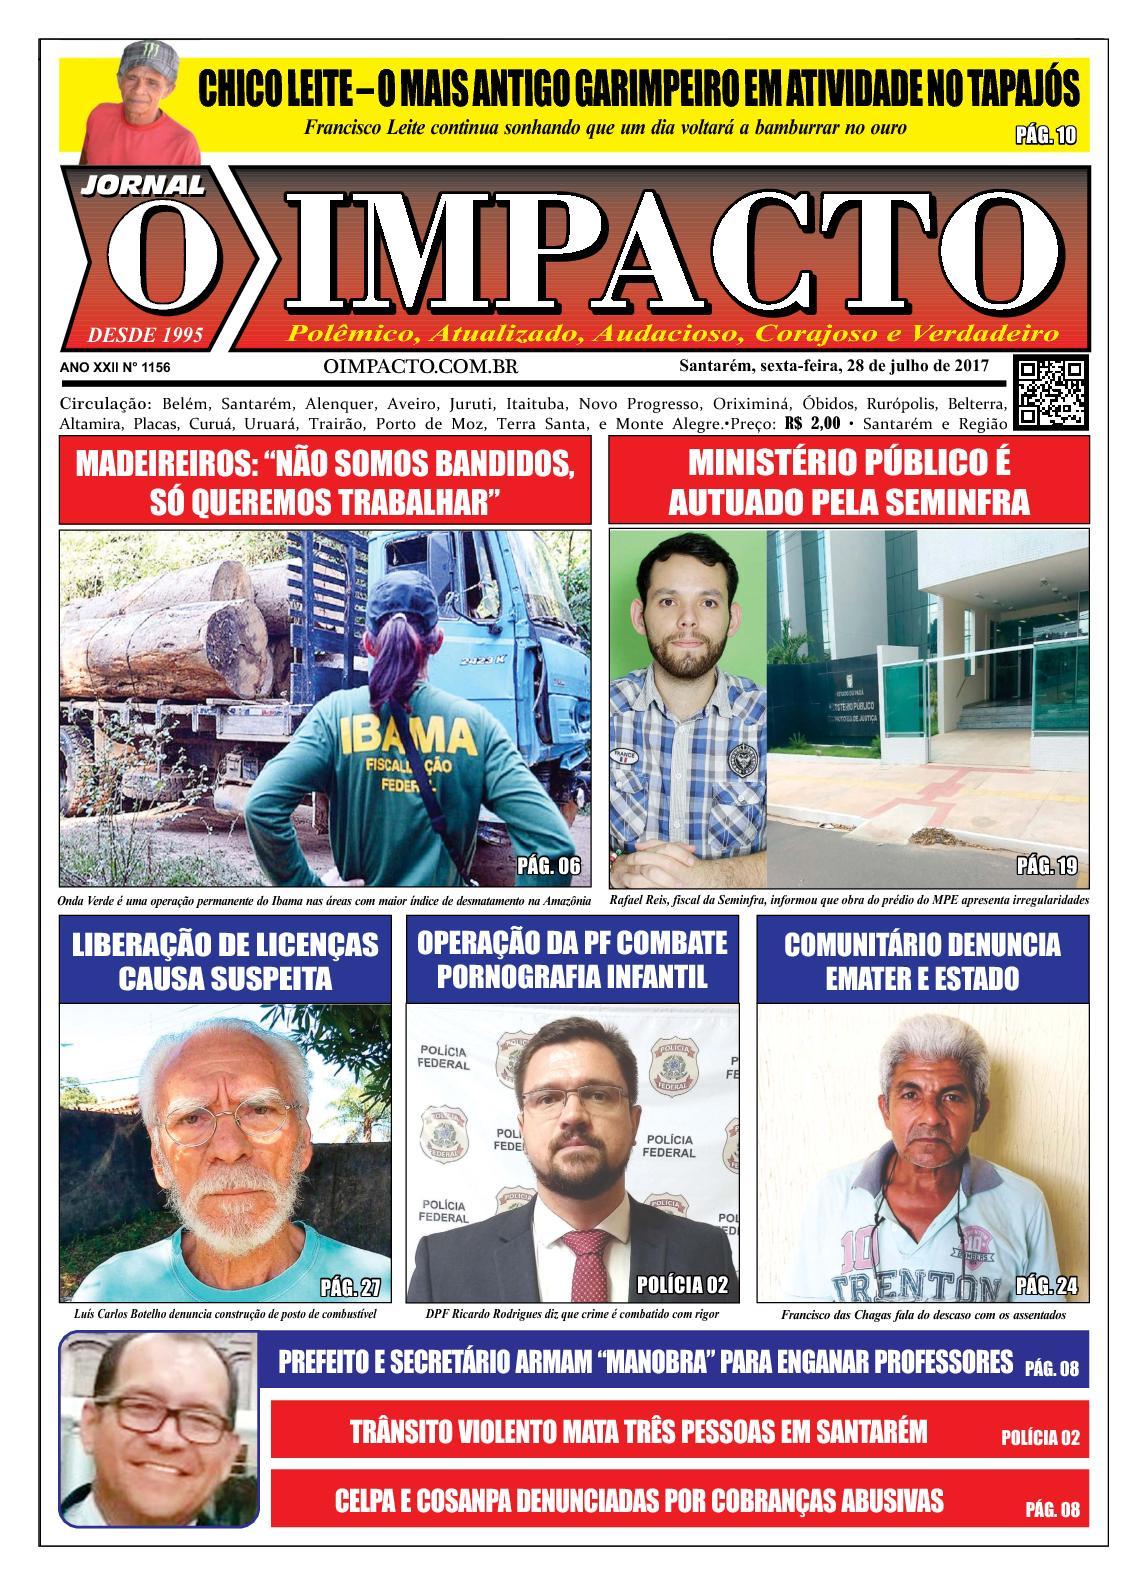 Jornal O Impacto Ed. 1156